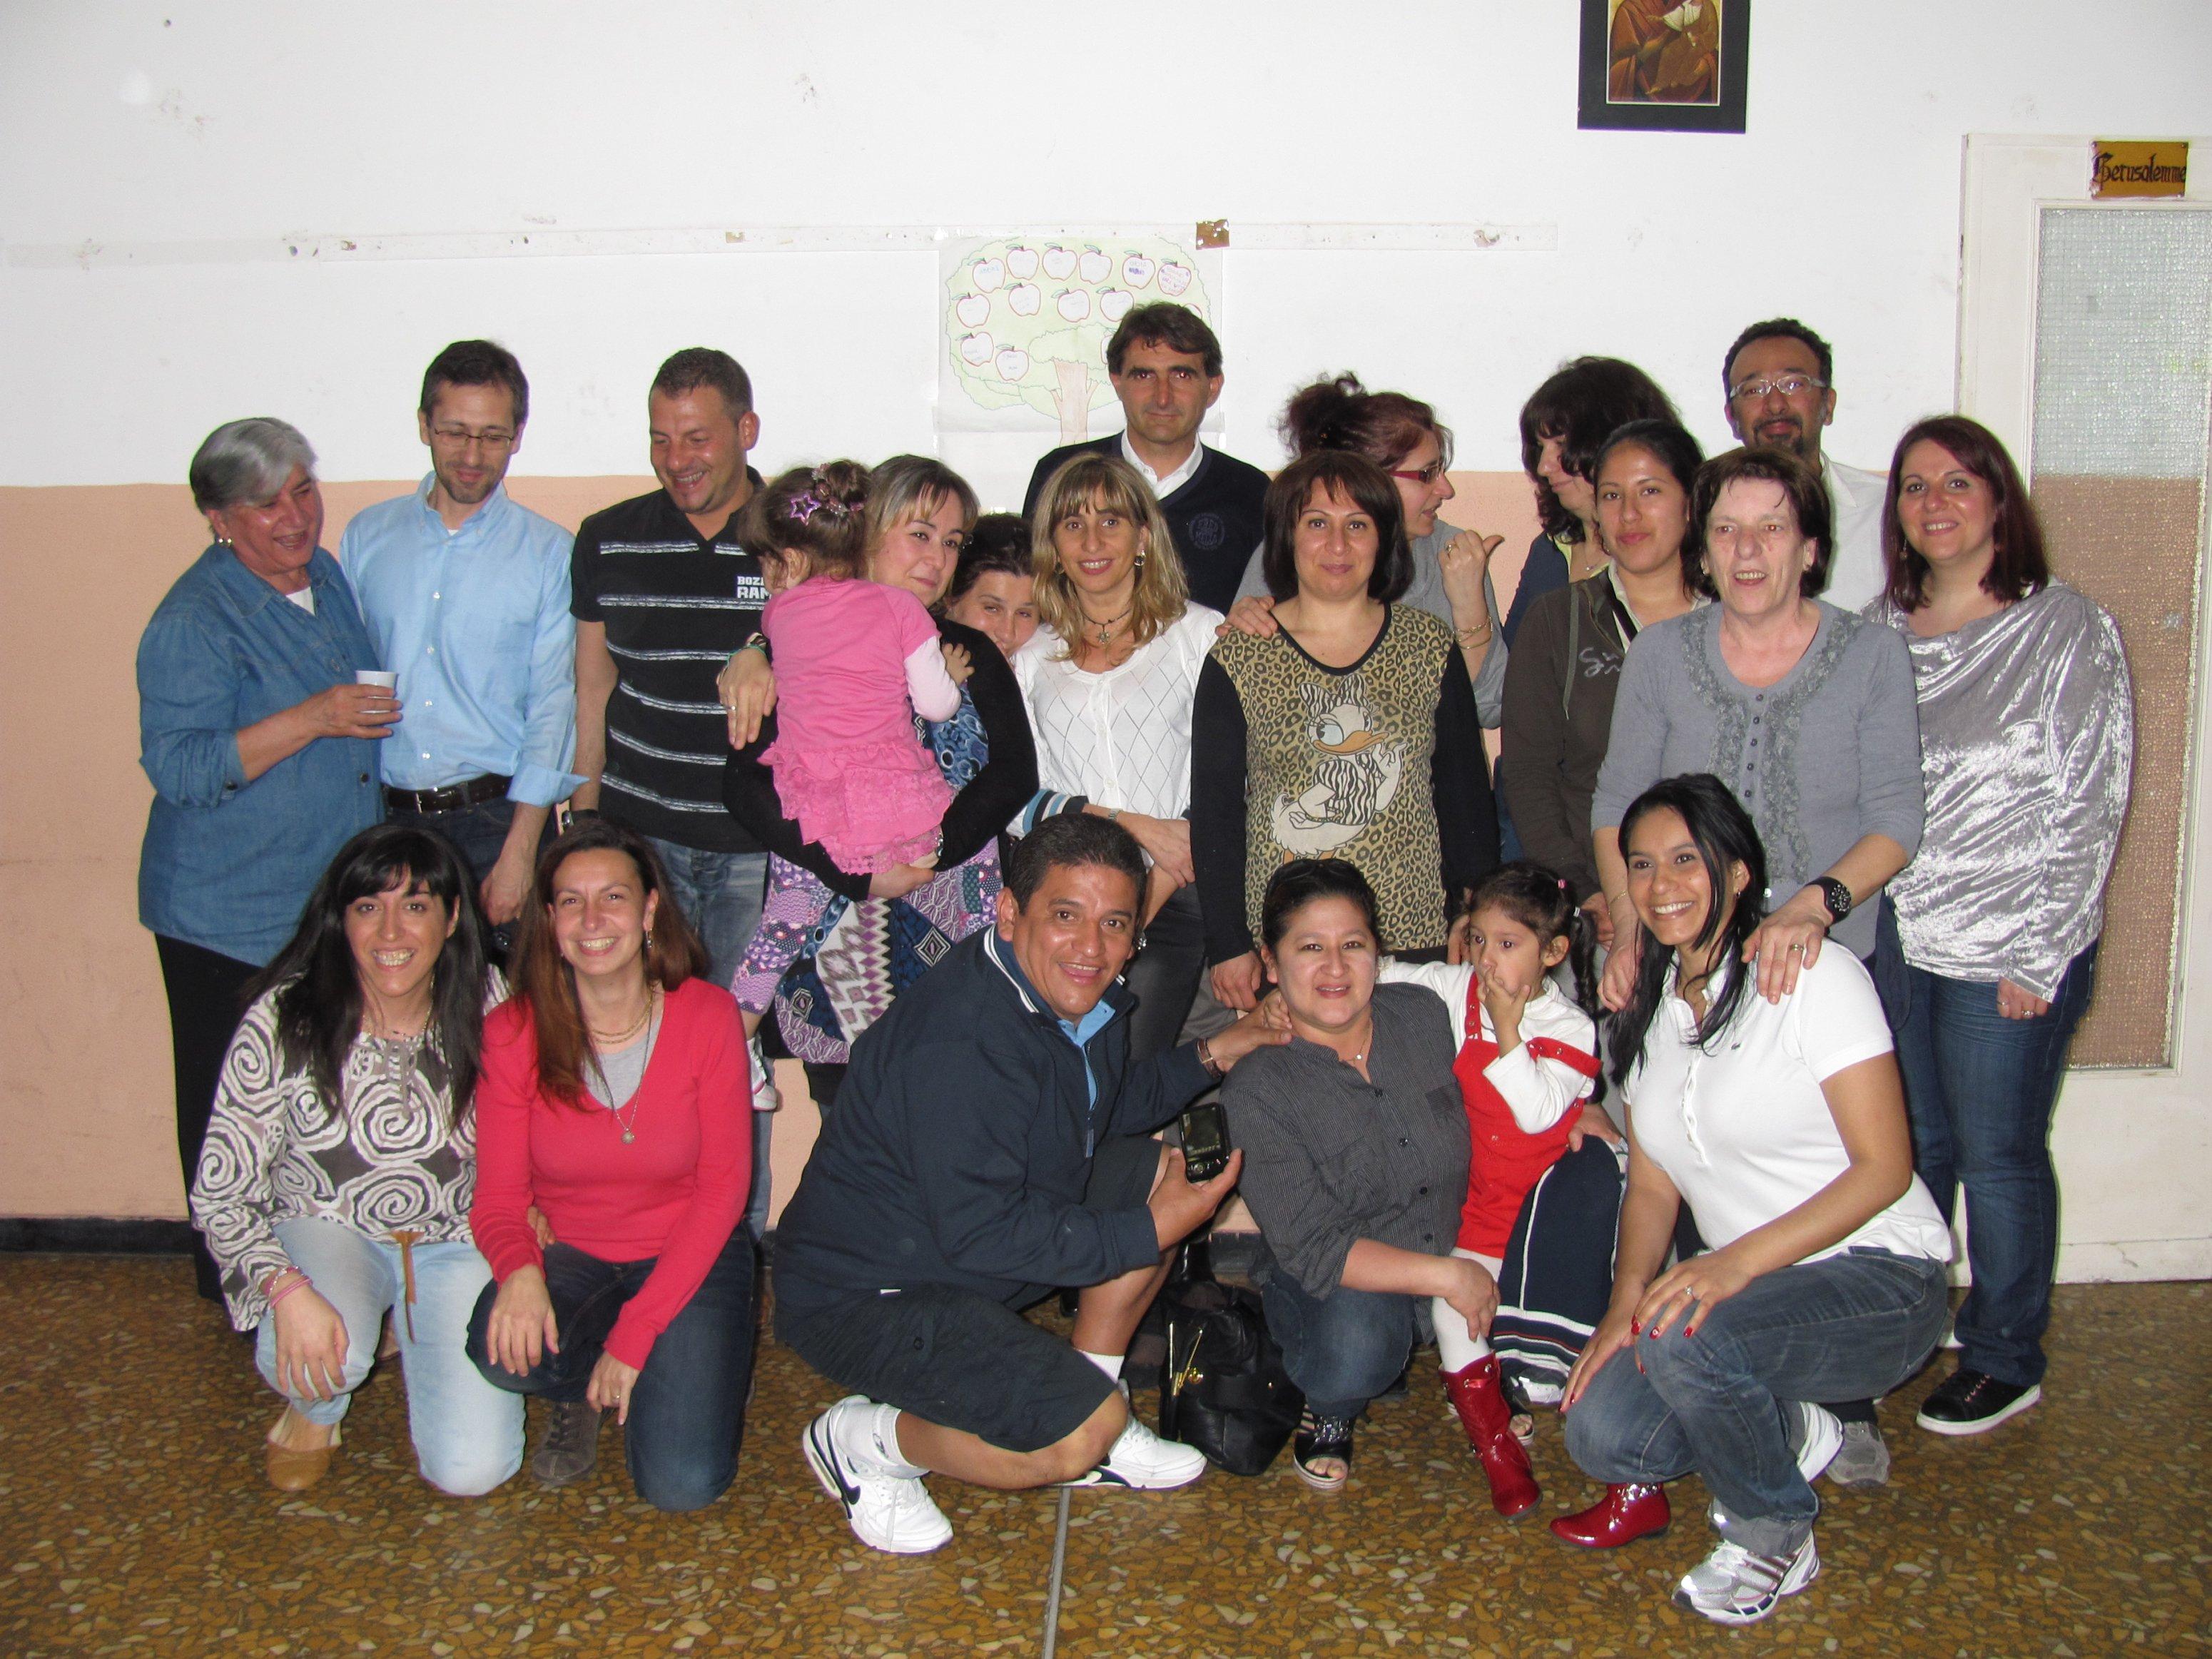 cena_prima_comunione_2012-04-28-20-48-56